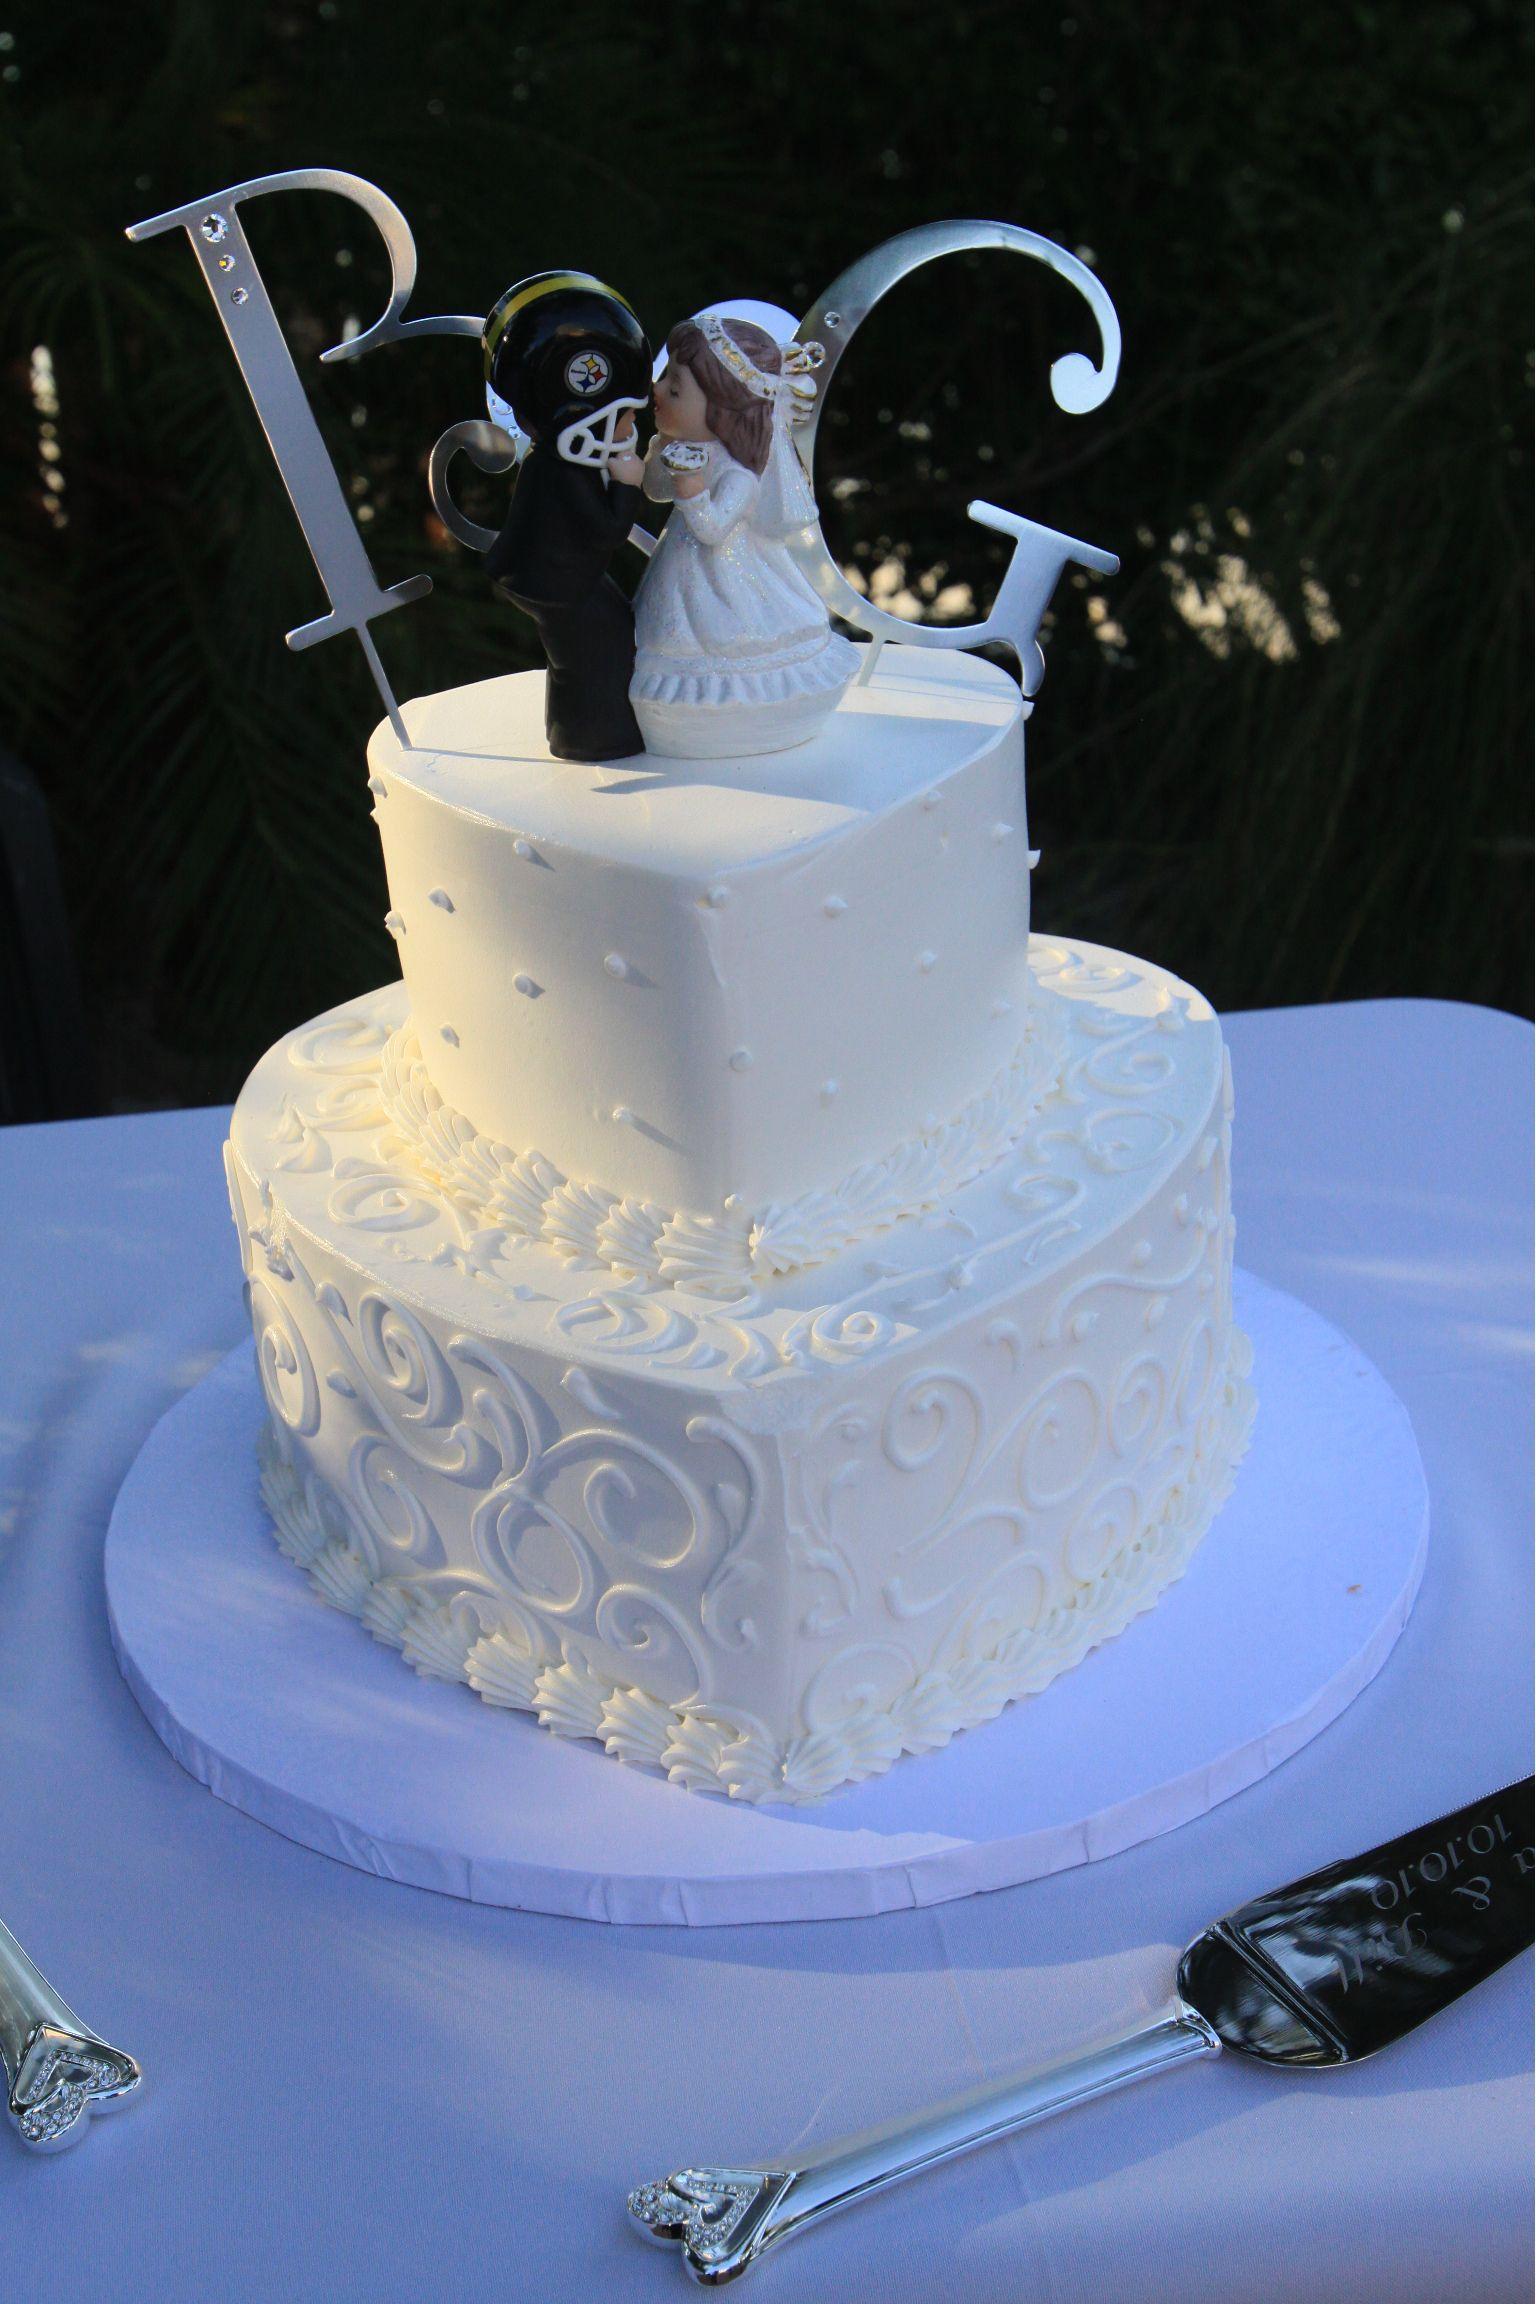 heart shape wedding cake wedding. Black Bedroom Furniture Sets. Home Design Ideas